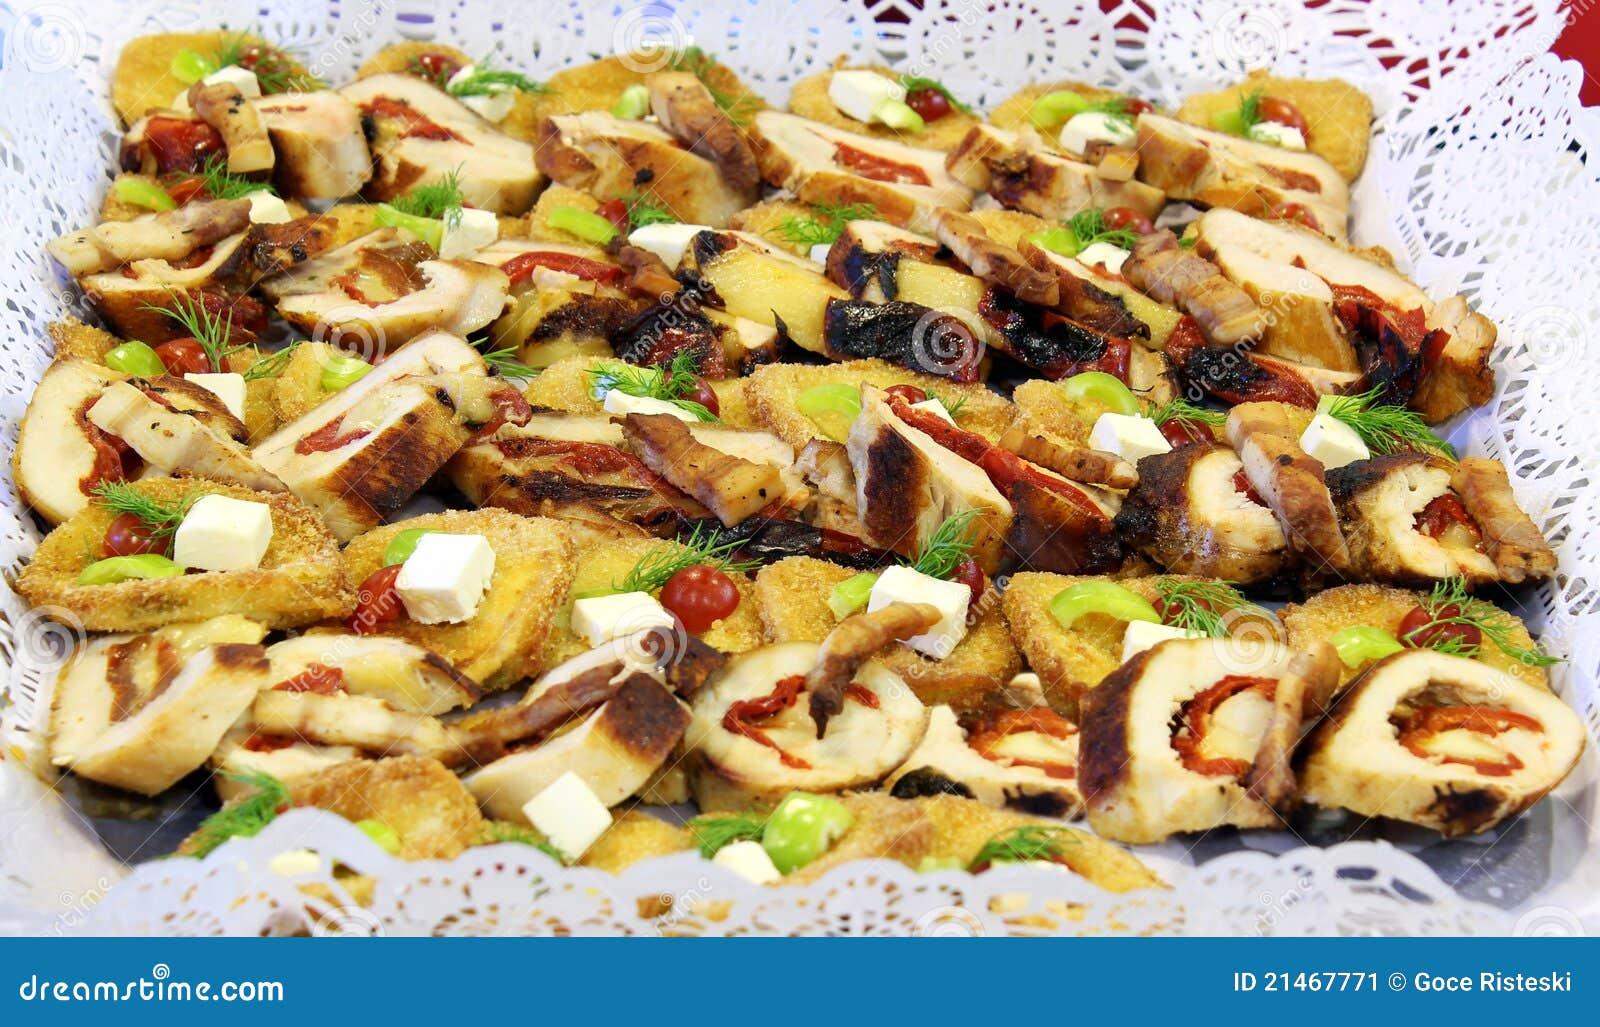 Heerlijk cateringsvoedsel